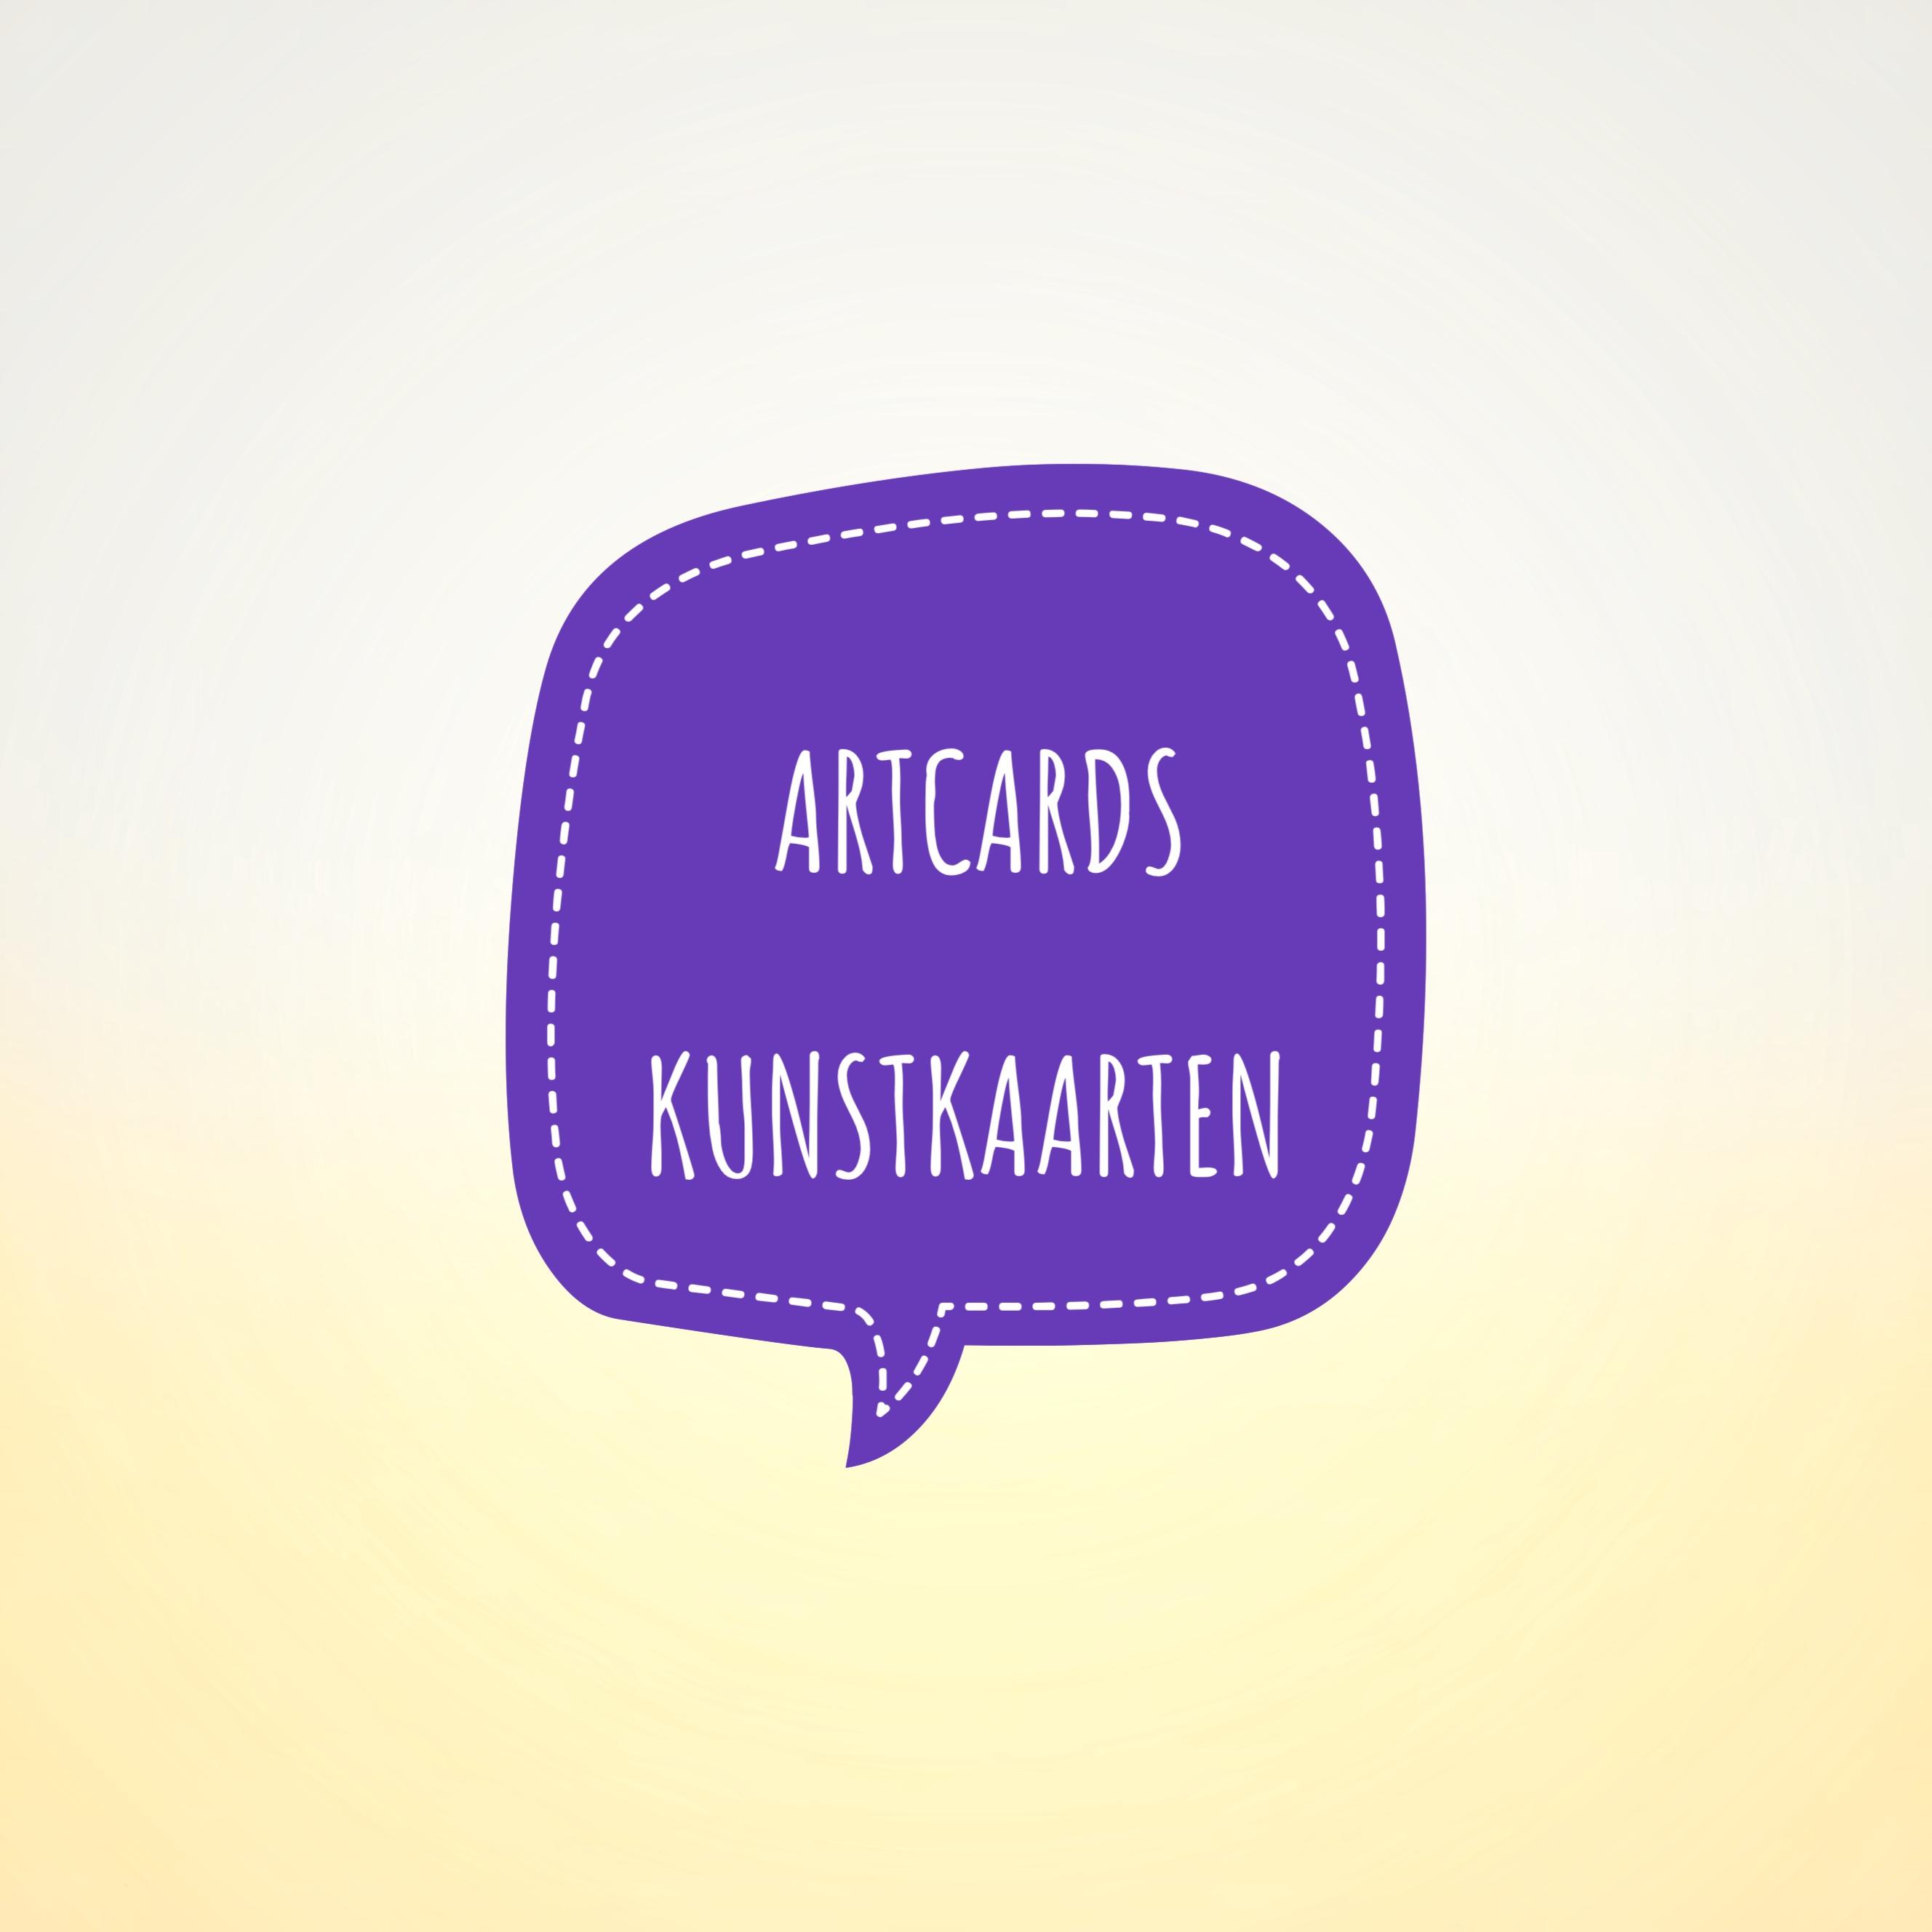 Artcards Kunstkaarten